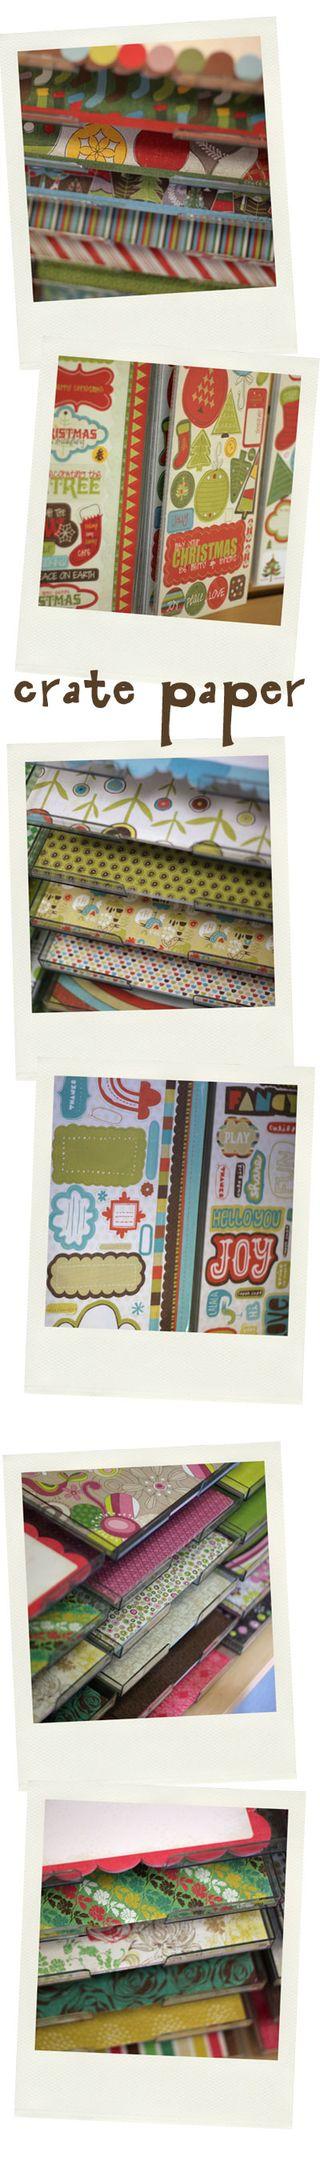 Crate paper 10 25